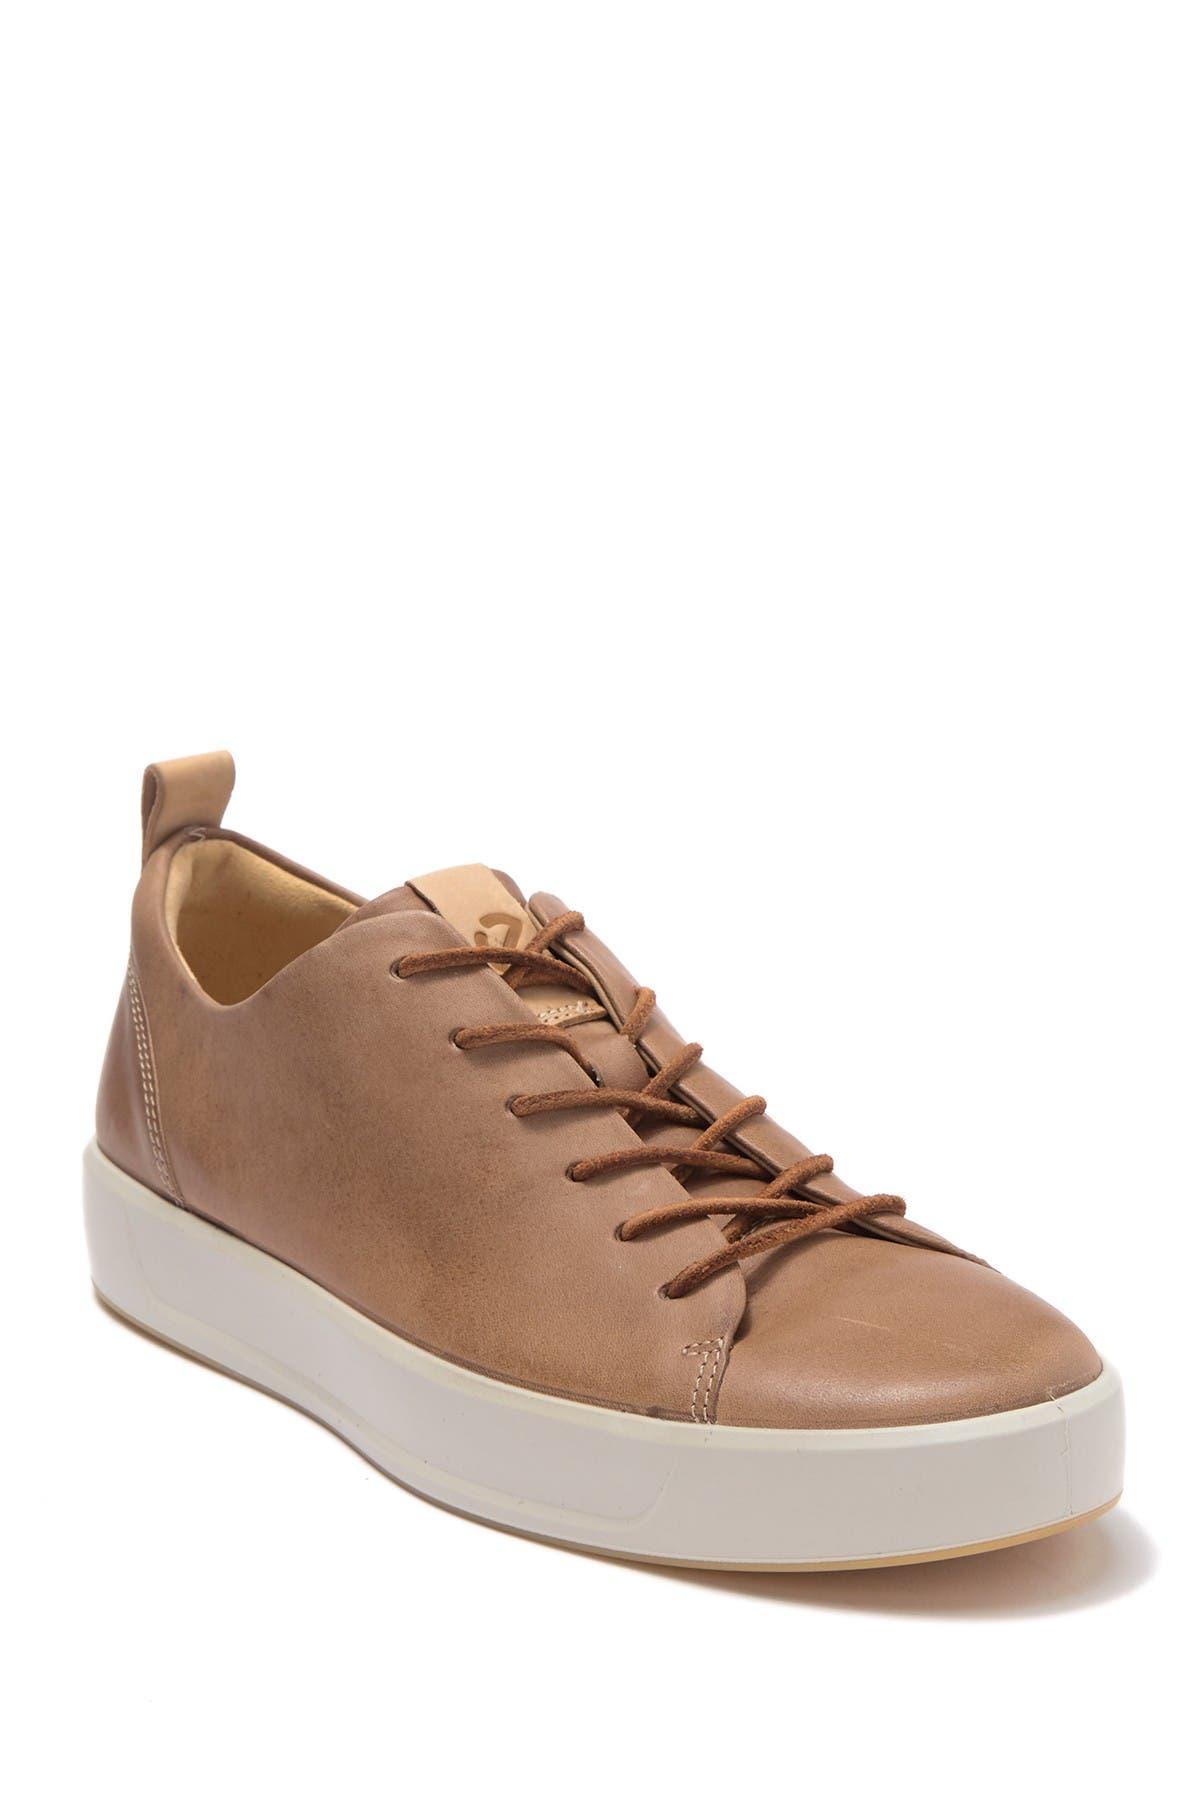 Image of ECCO Soft 8 LX Retro Sneaker